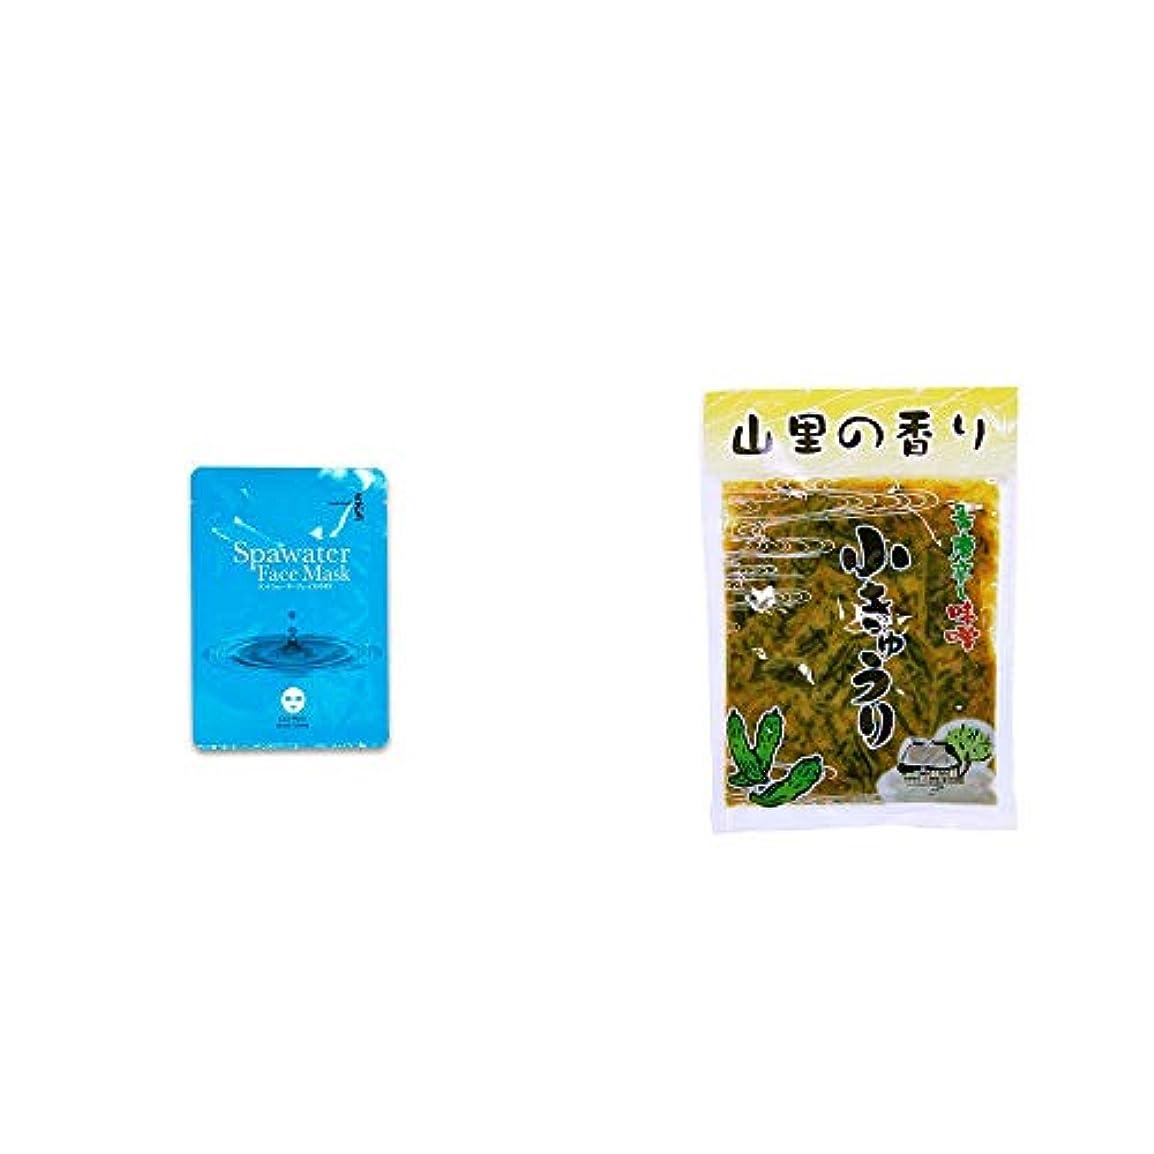 請求ブレース毒性[2点セット] ひのき炭黒泉 スパウォーターフェイスマスク(18ml×3枚入)?山里の香り 青唐辛し味噌 小きゅうり(250g)